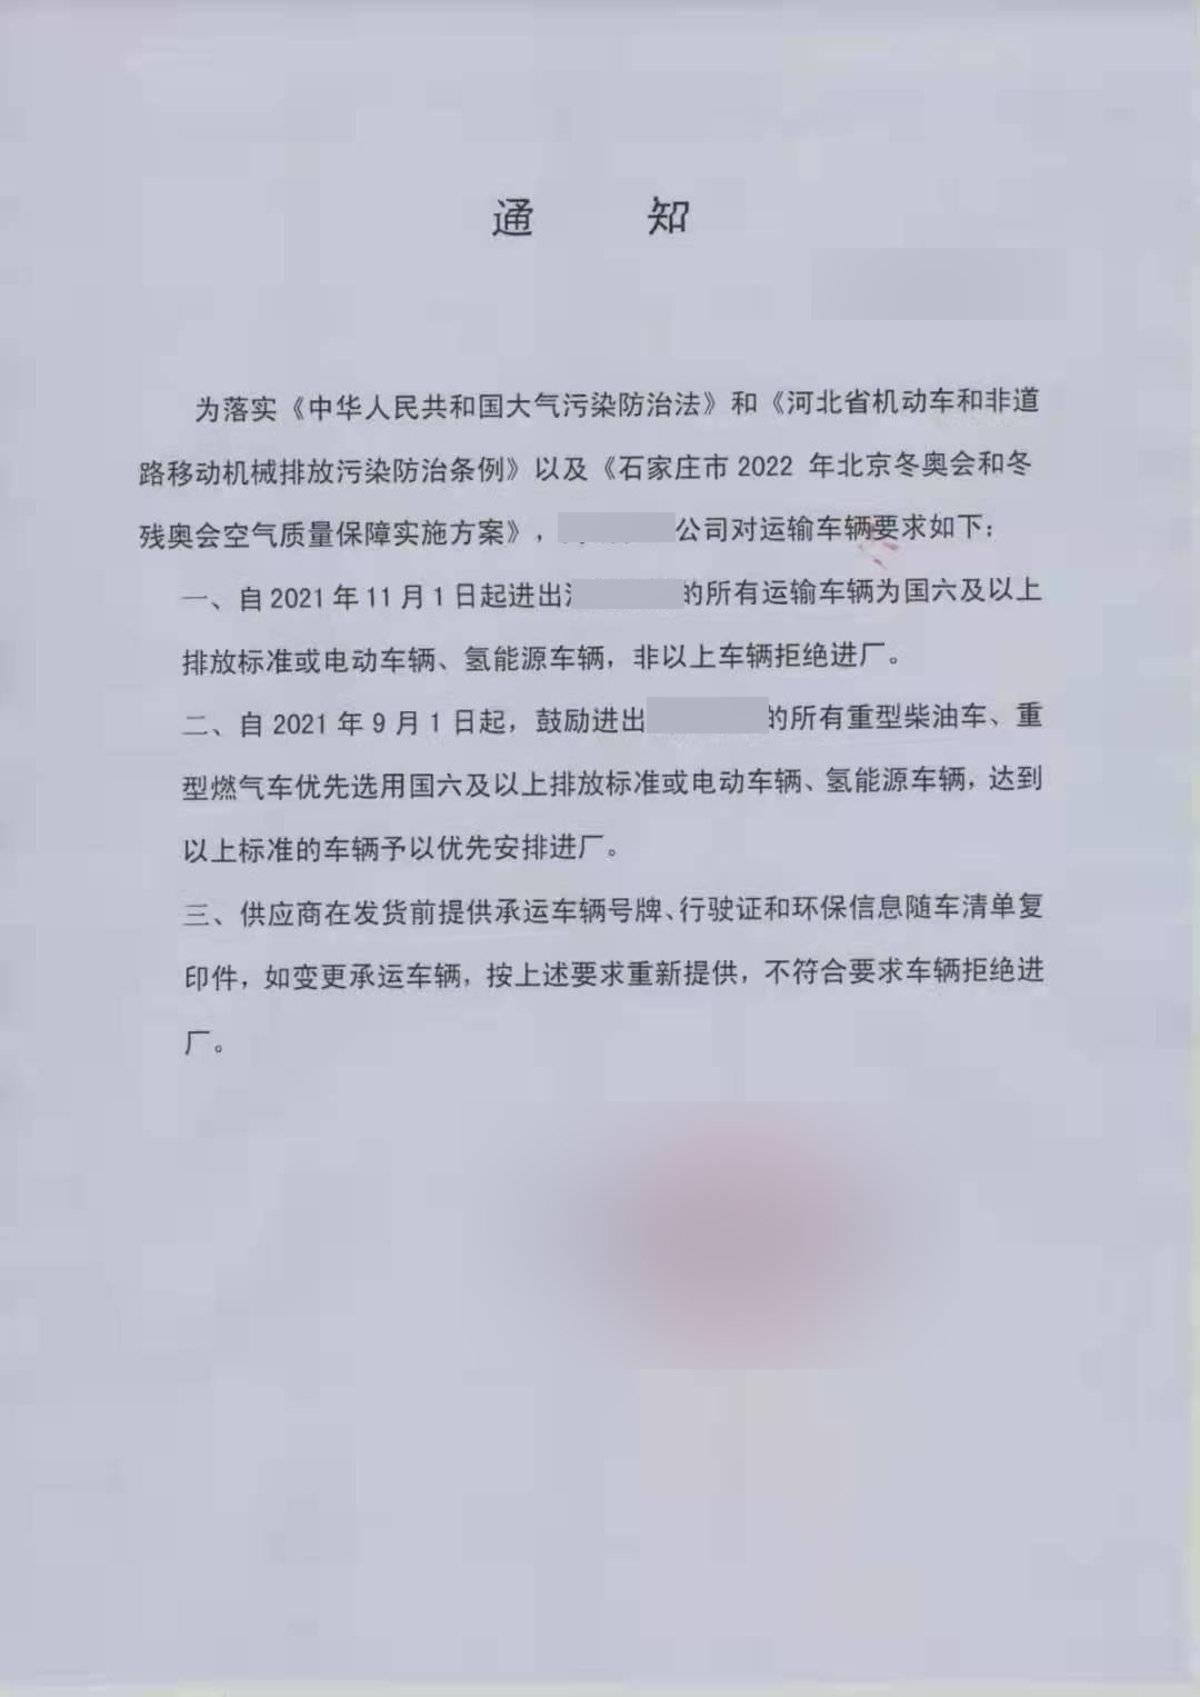 卡友爆料:河北再曝禁止国五卡车进工厂